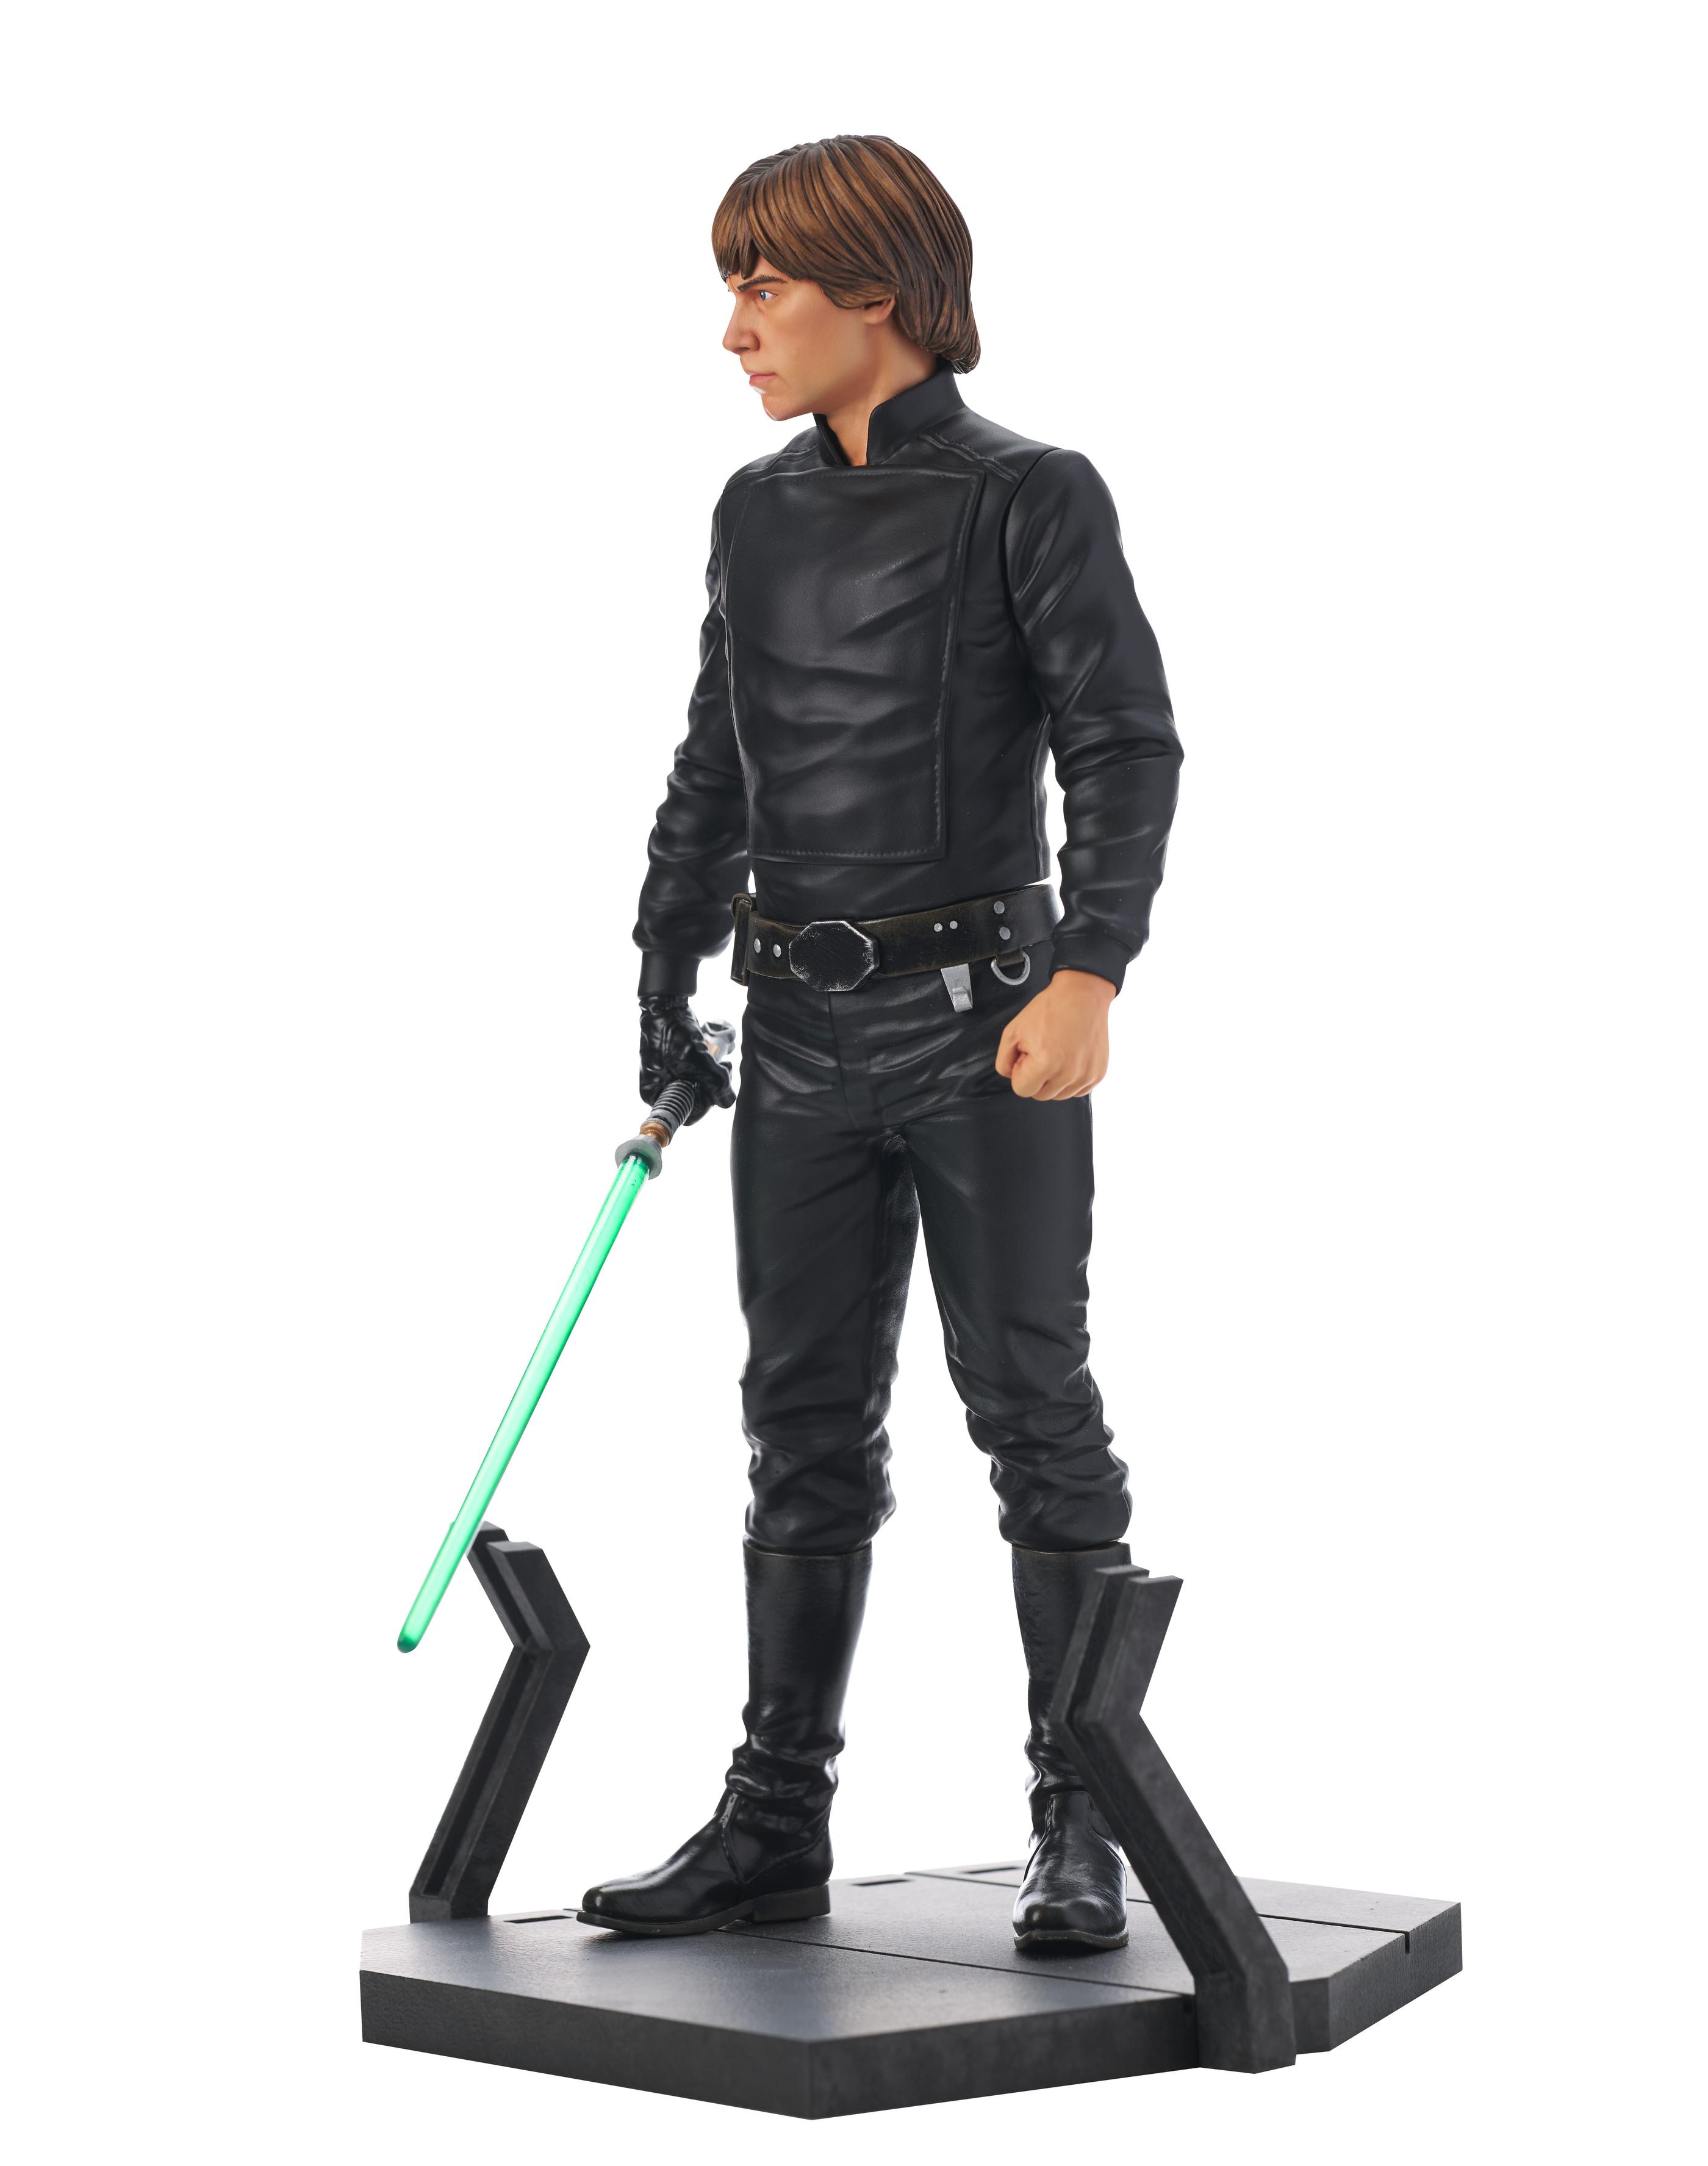 Star Wars - Return of the Jedi - Luke Skywalker 1/6 Statue